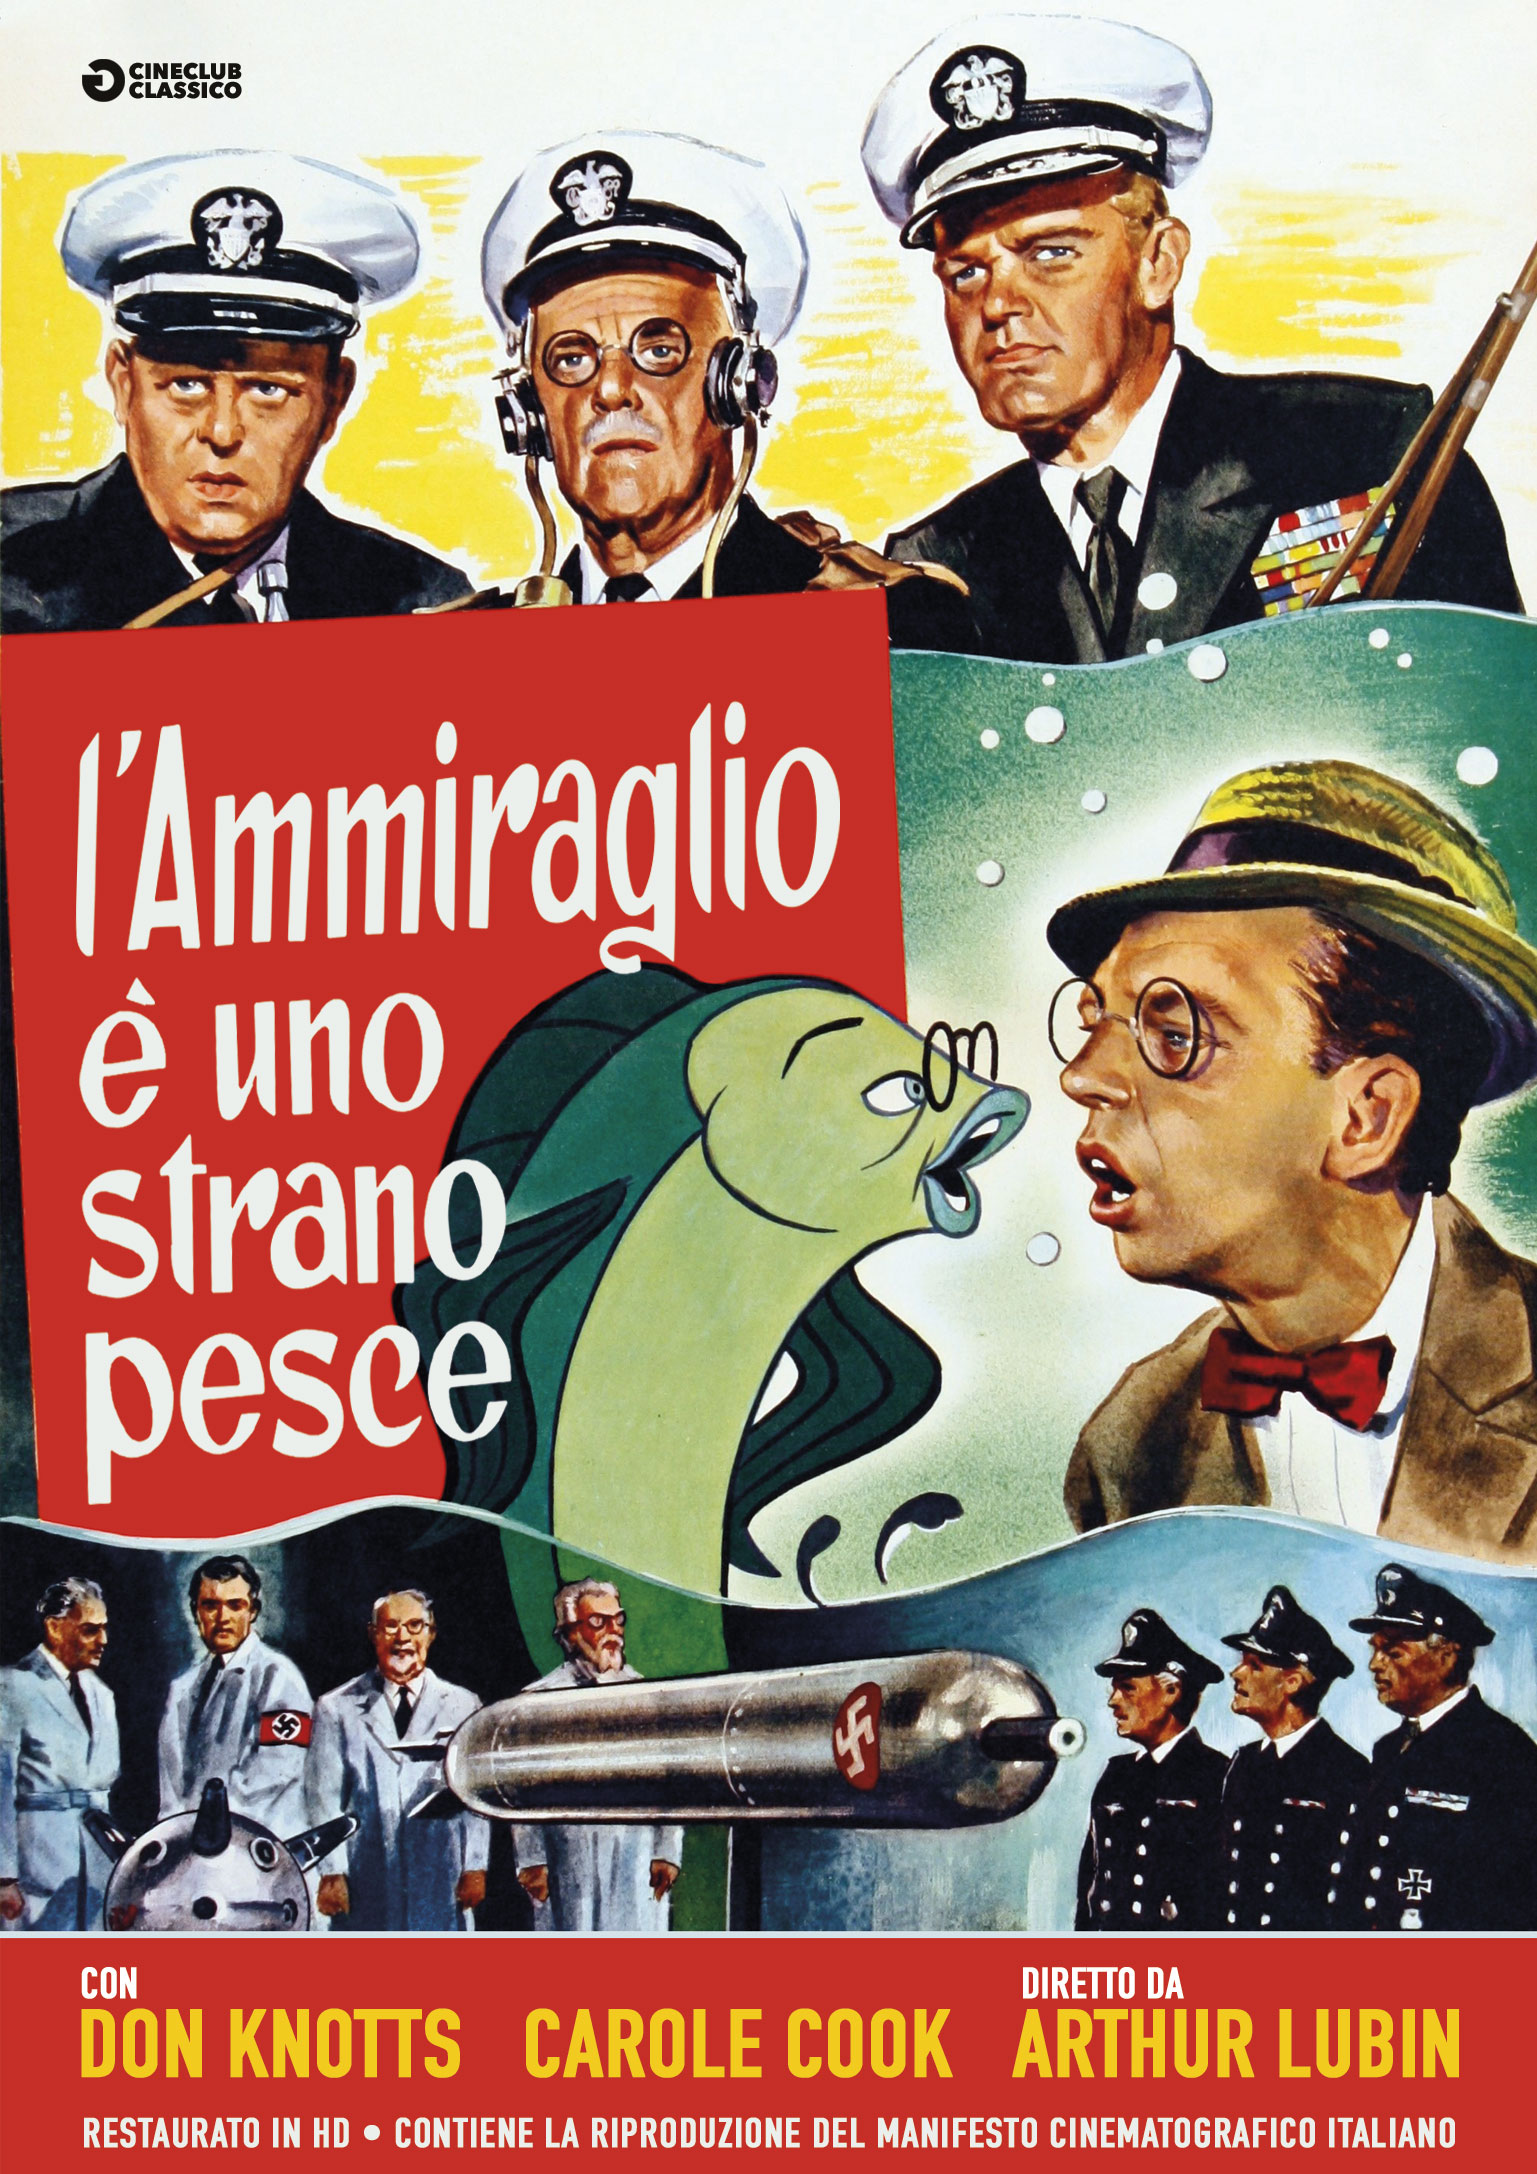 L'AMMIRAGLIO E' UNO STRANO PESCE (RESTAURATO IN HD) (DVD+POSTER